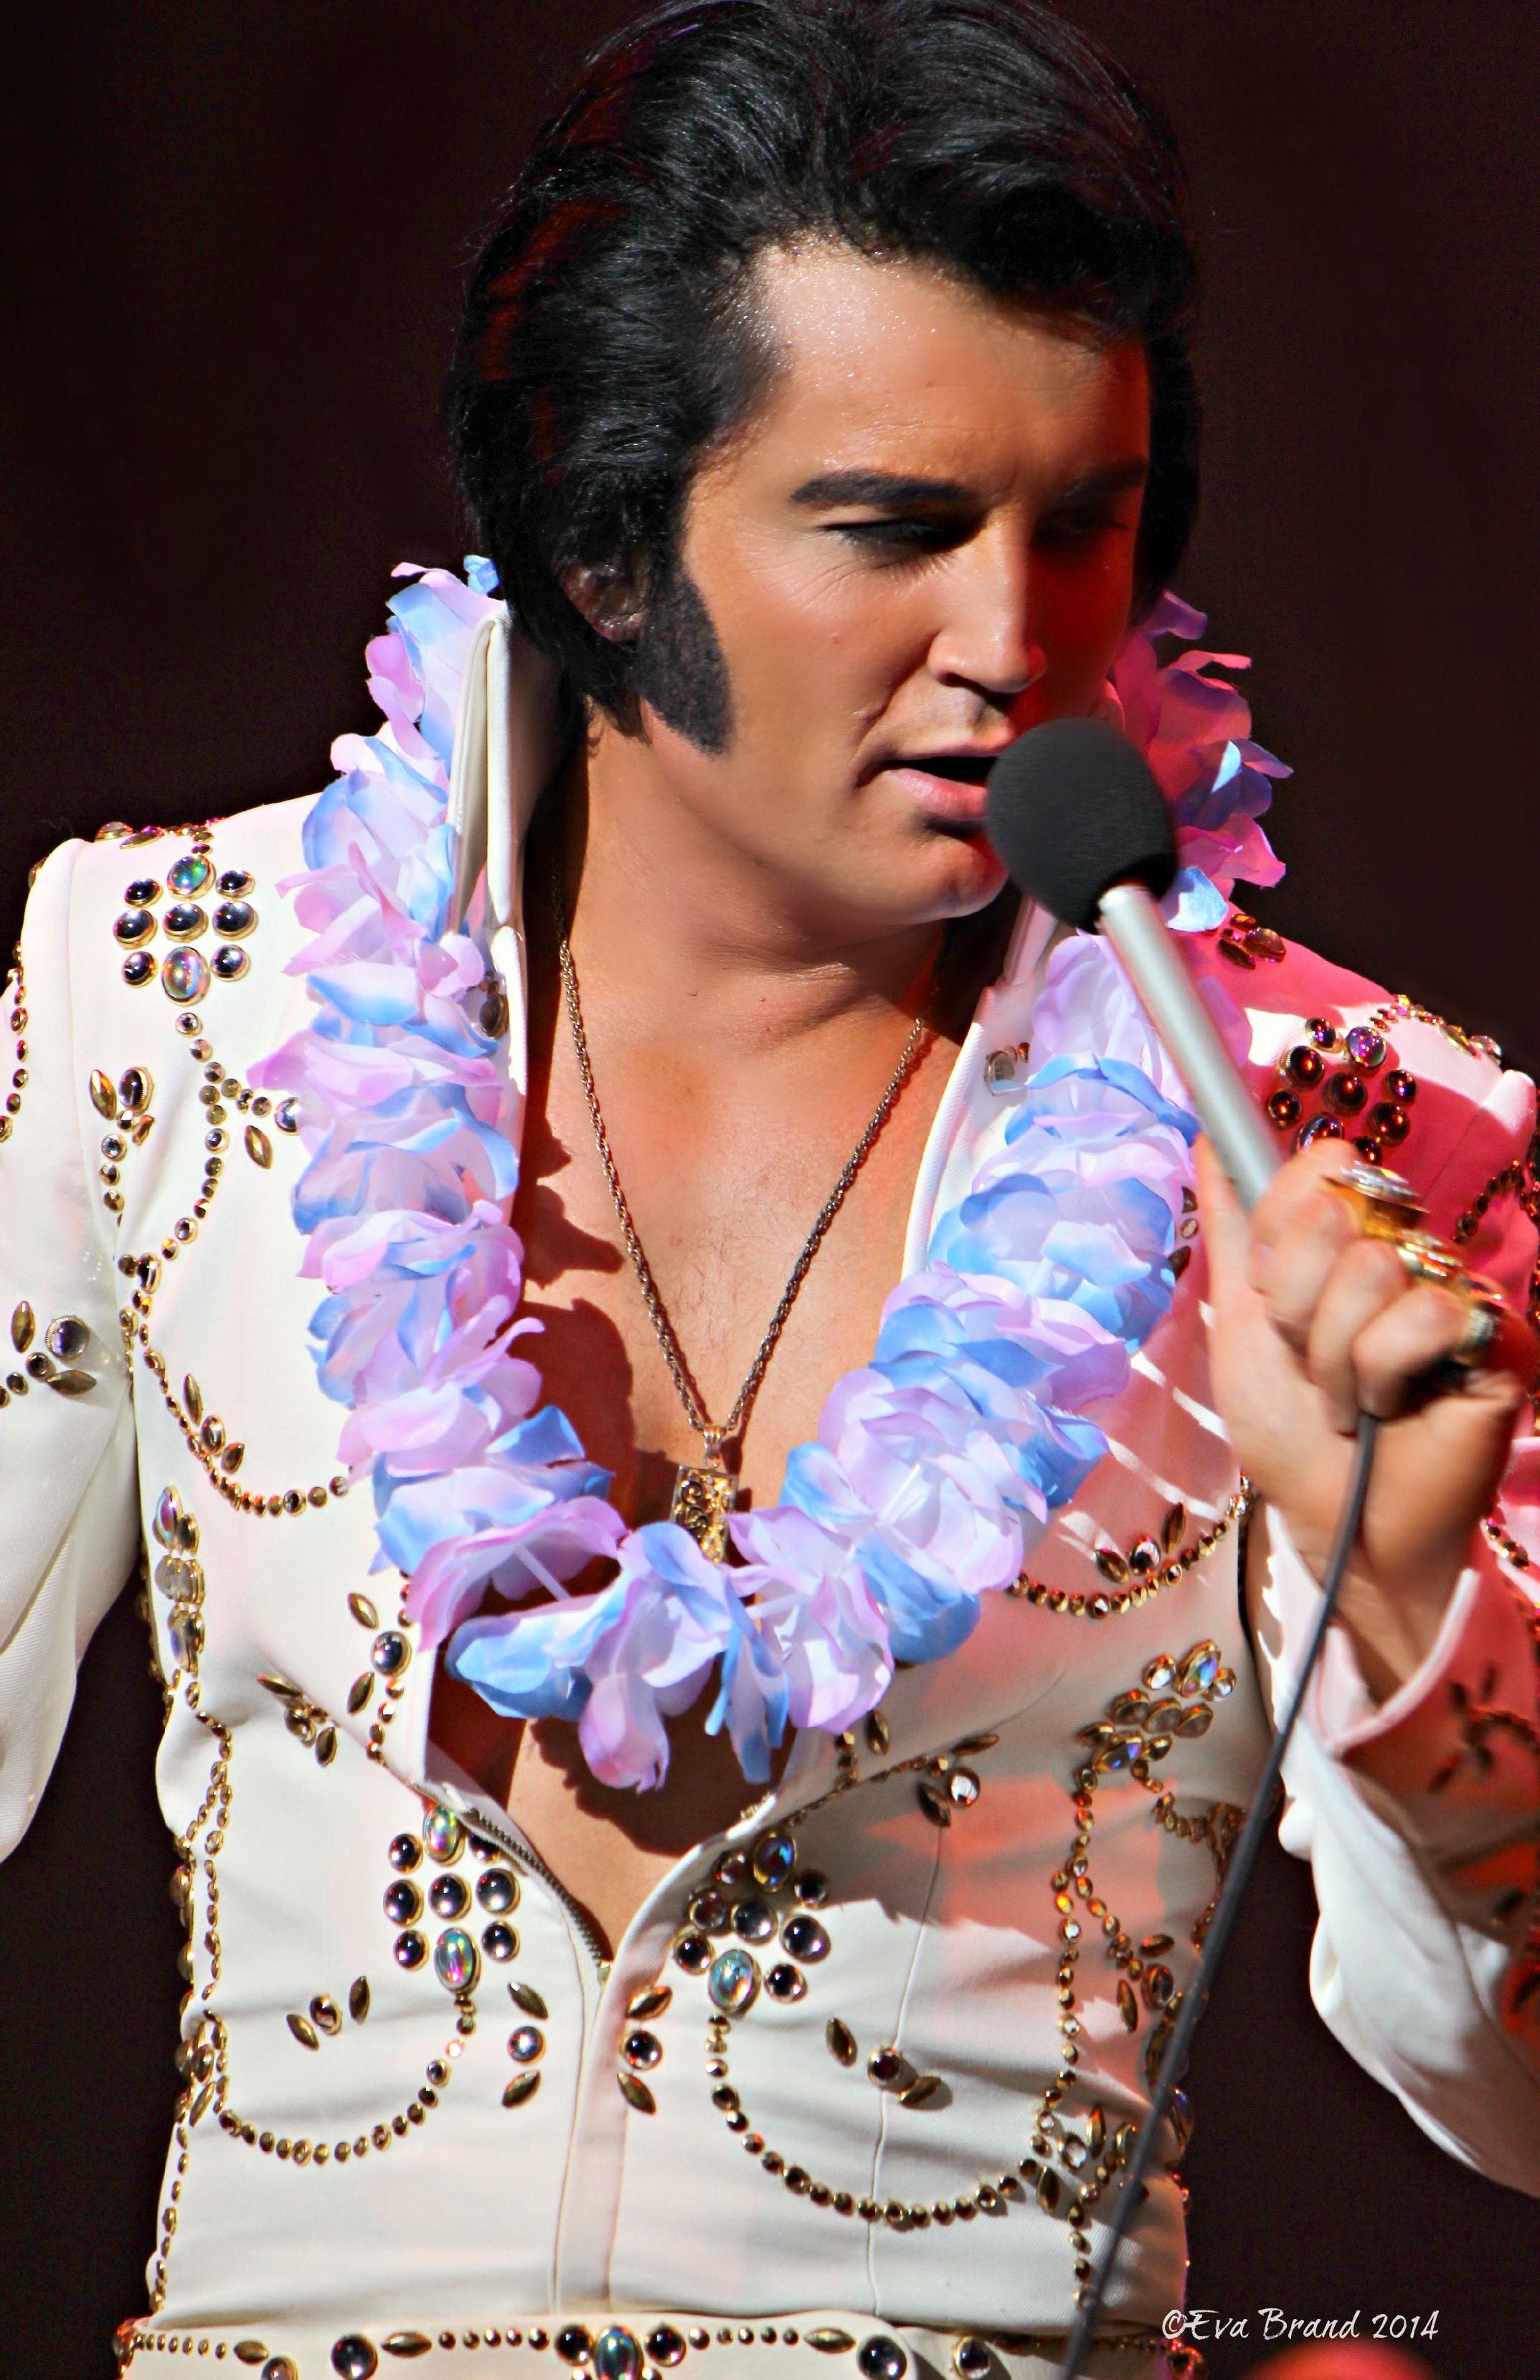 Best Elvis Impersonator Ever Ben Portsmouth ...